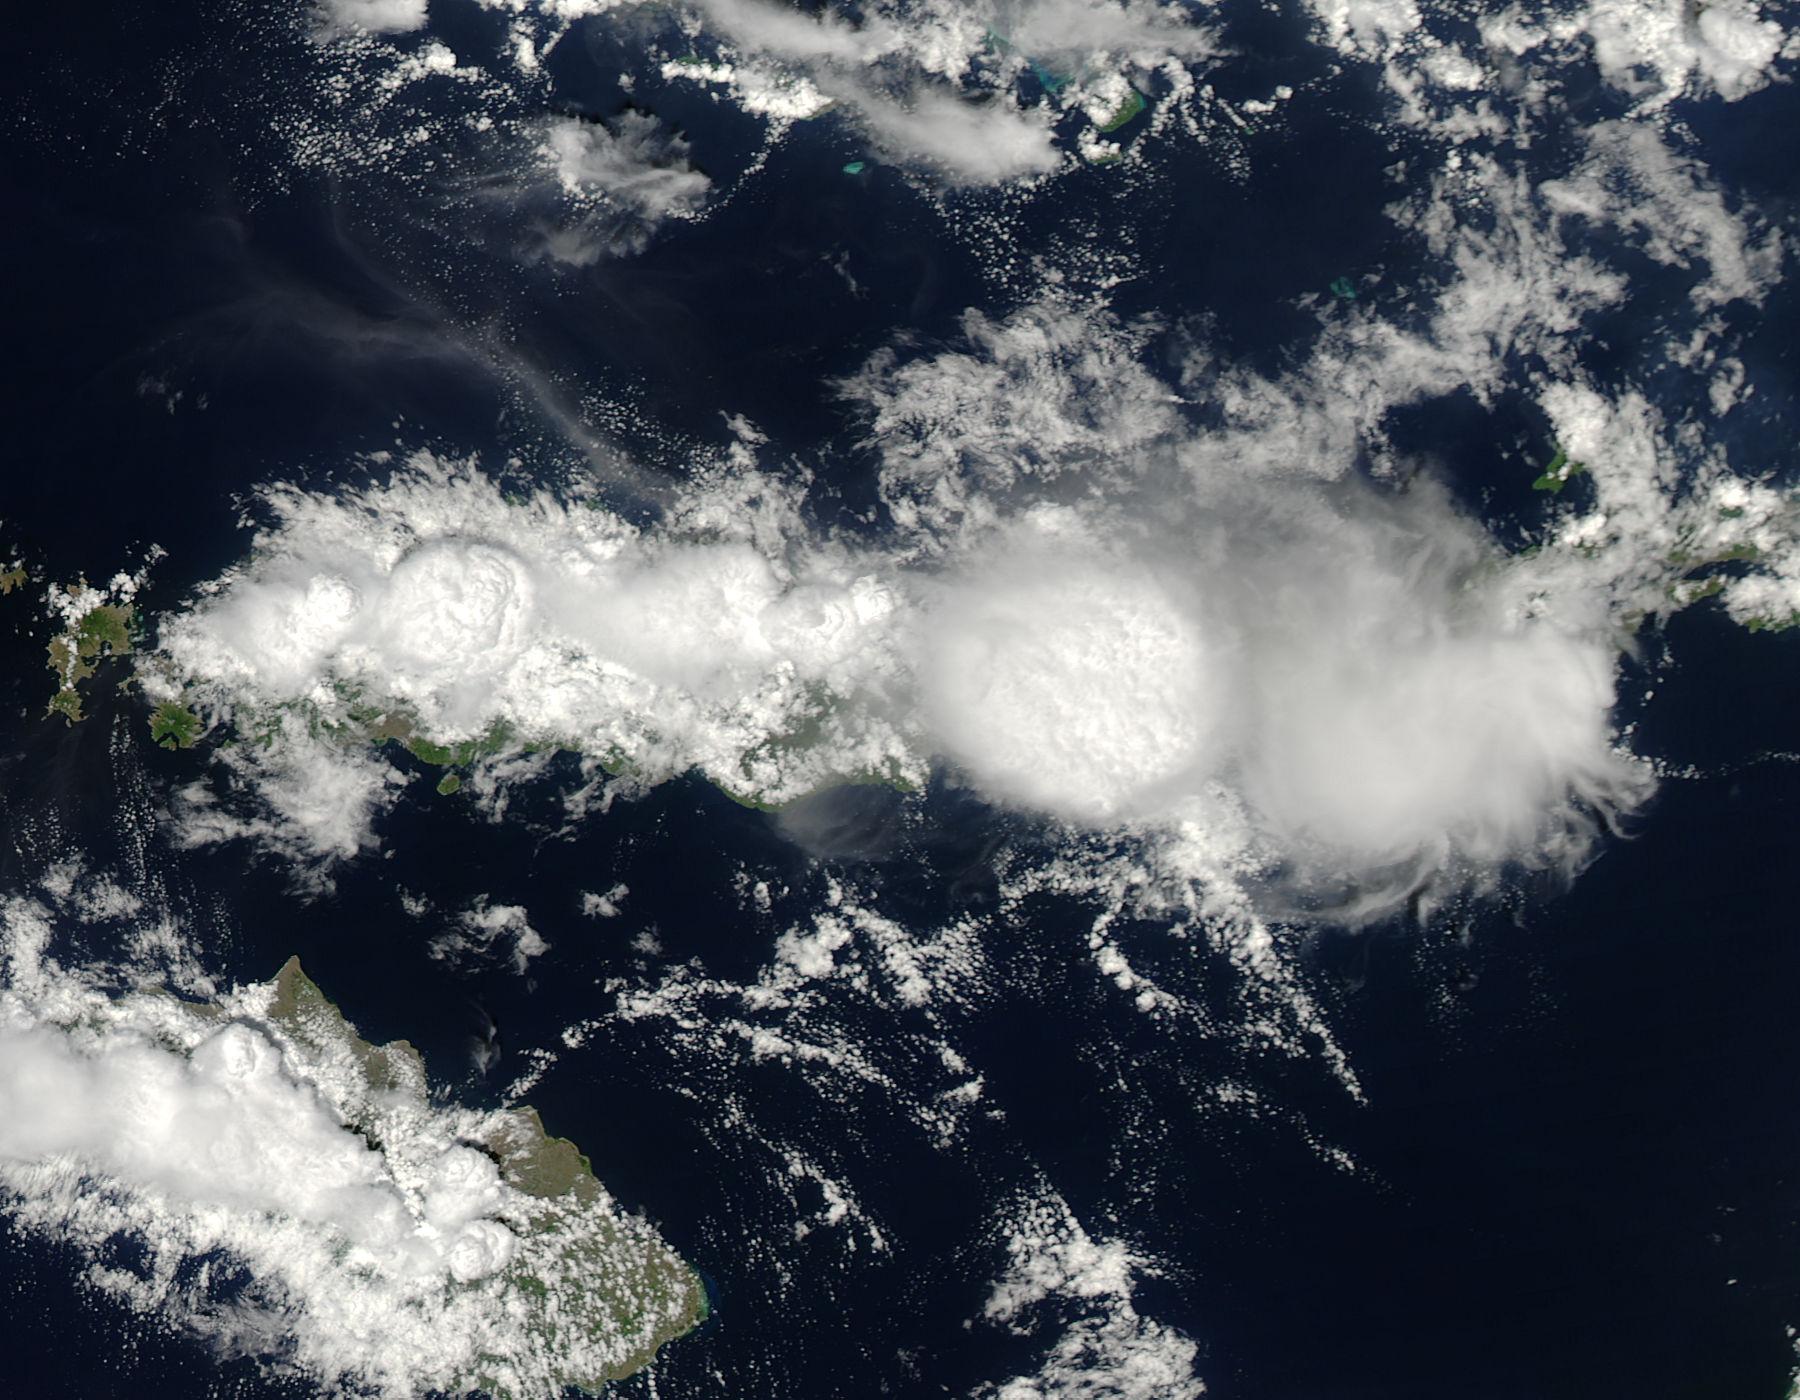 See larger image Image credit: NASA